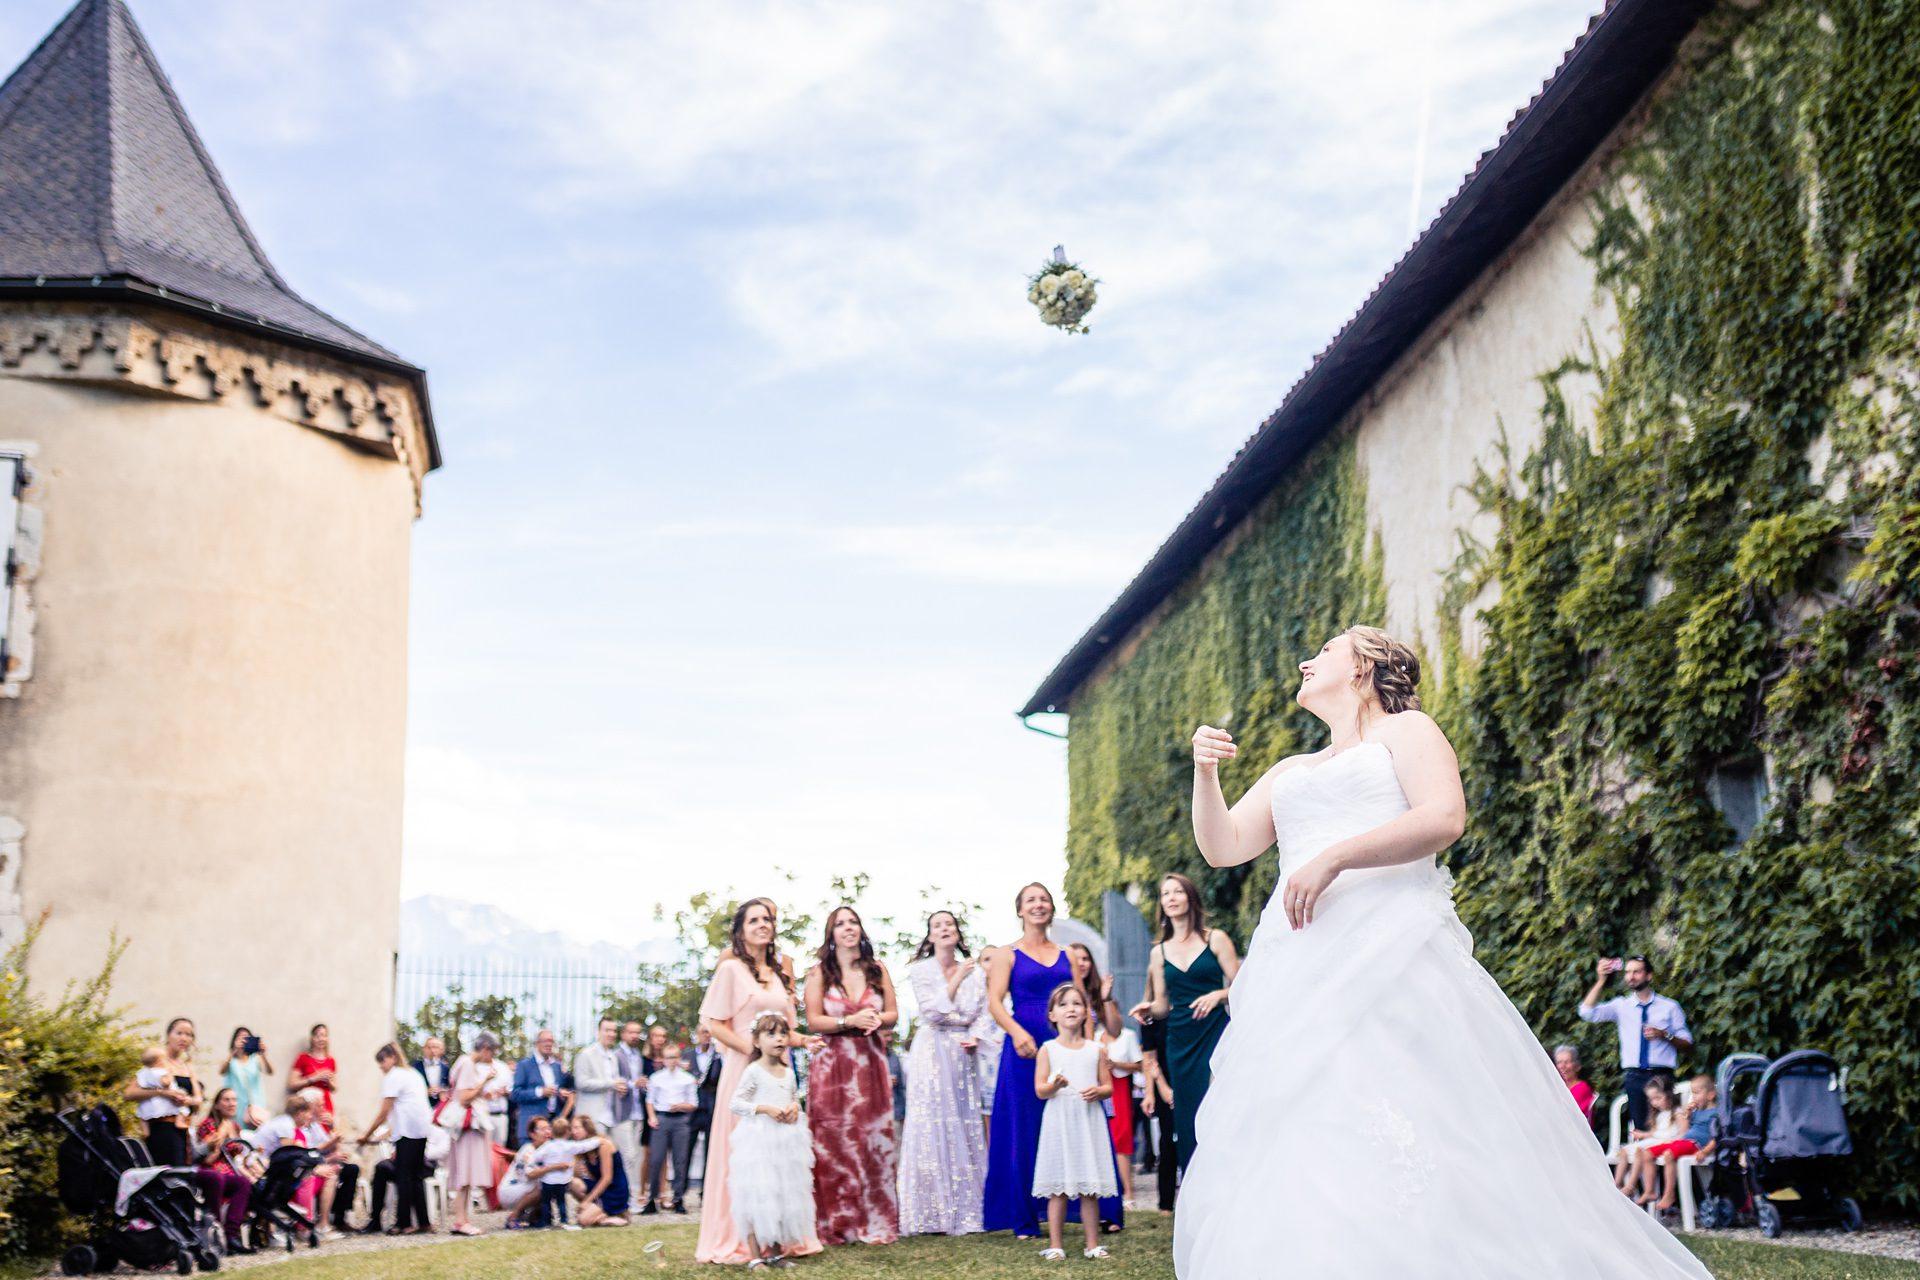 Lancé de bouquet de mariage - Reportage photo de mariage en Savoie Chambéry